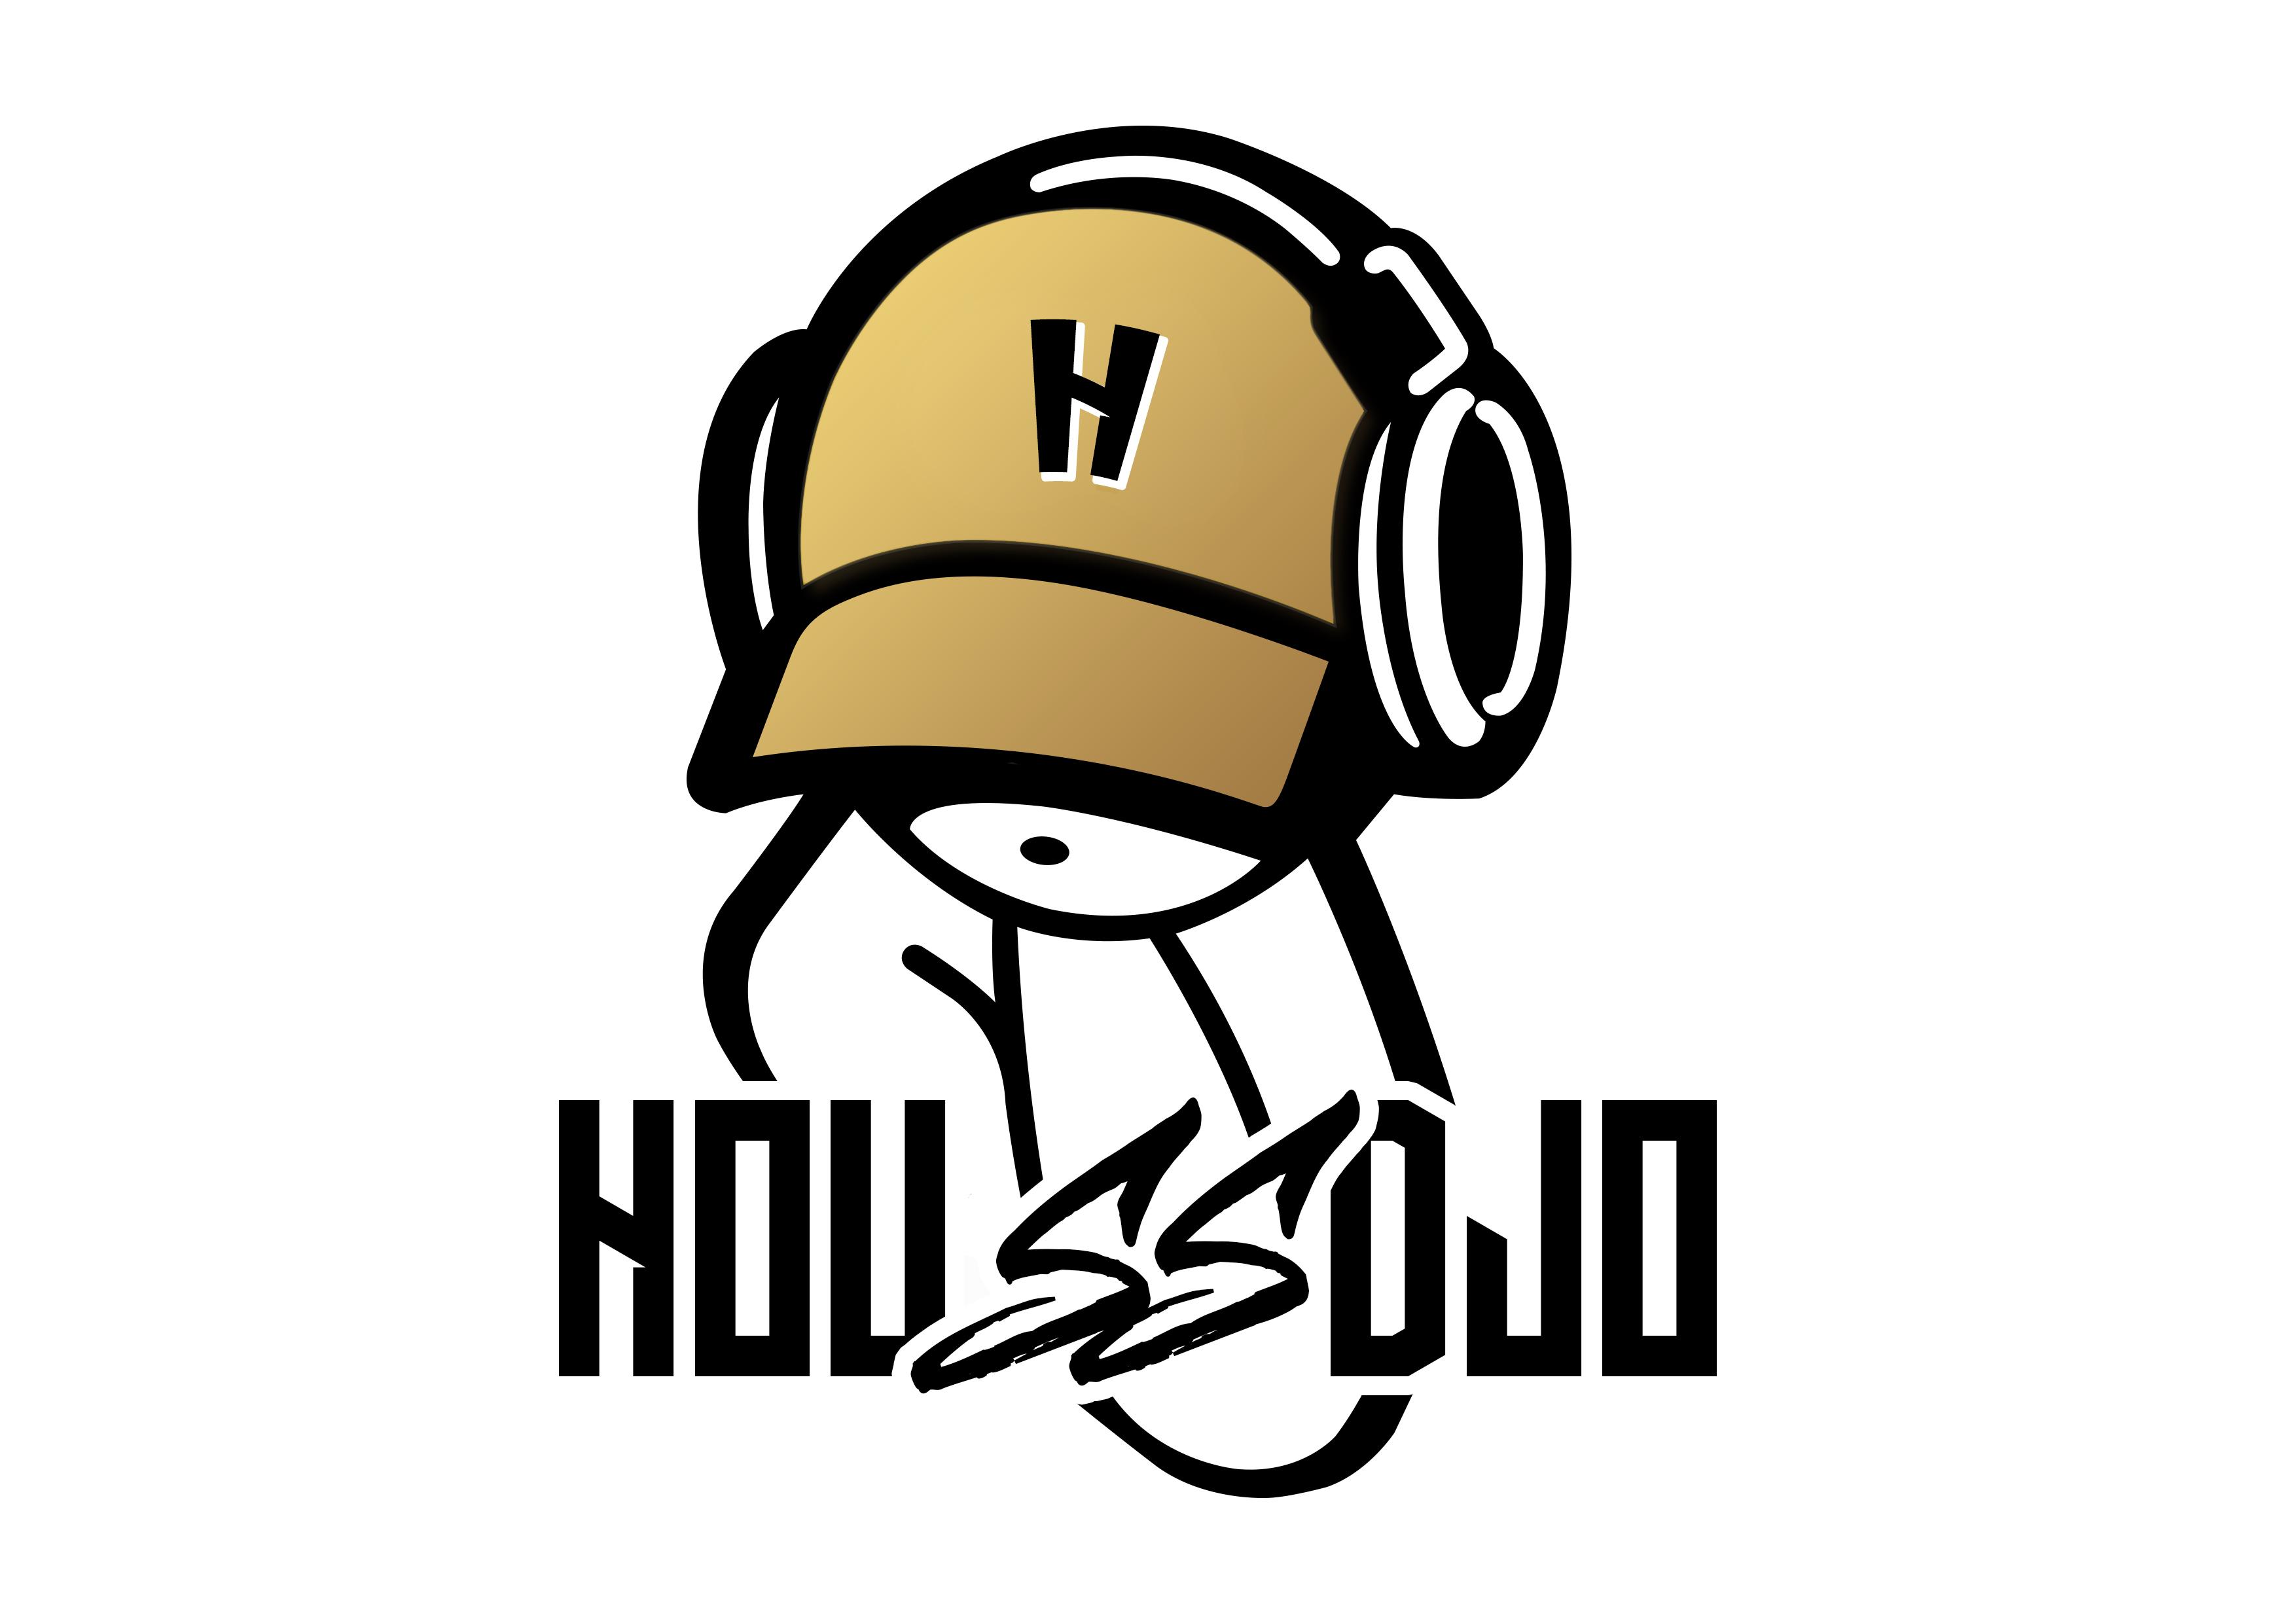 logo_houssdjo-2